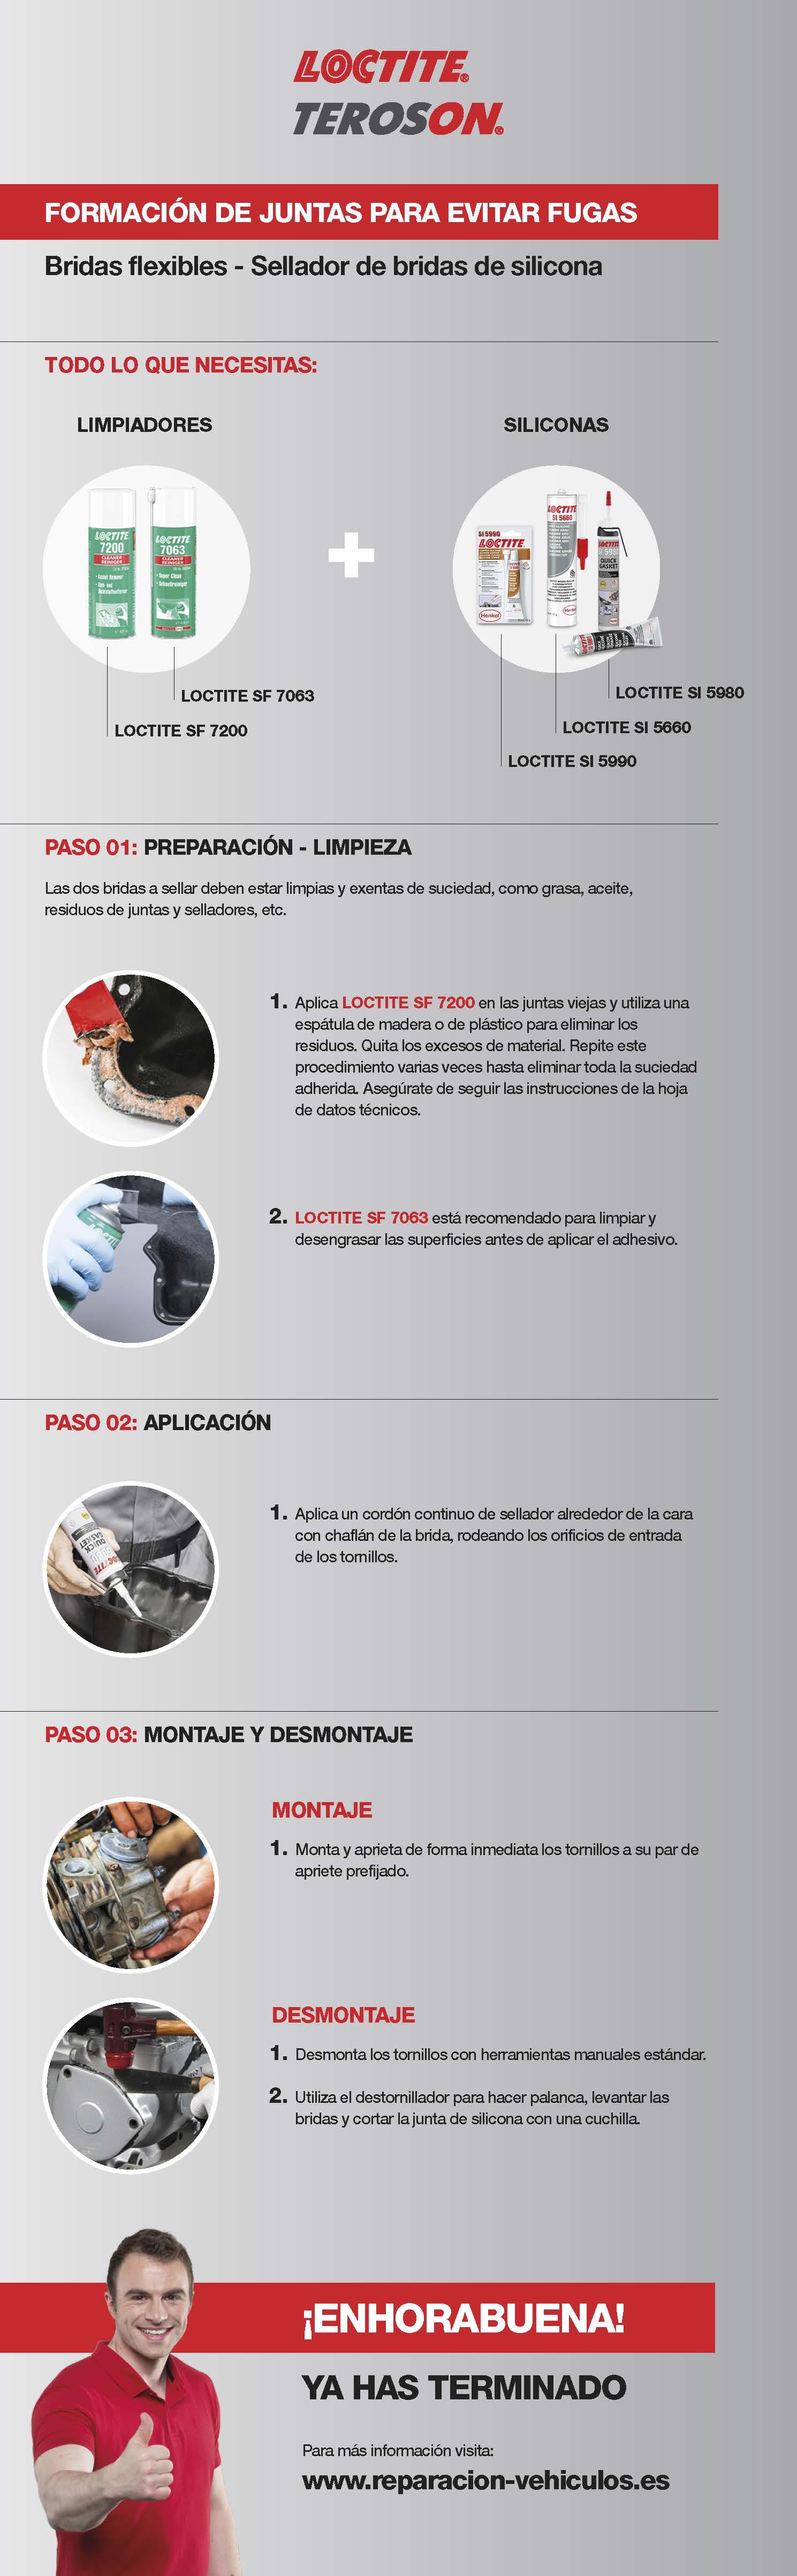 LOC_Infografia_Bridas_flexibles (1).jpg